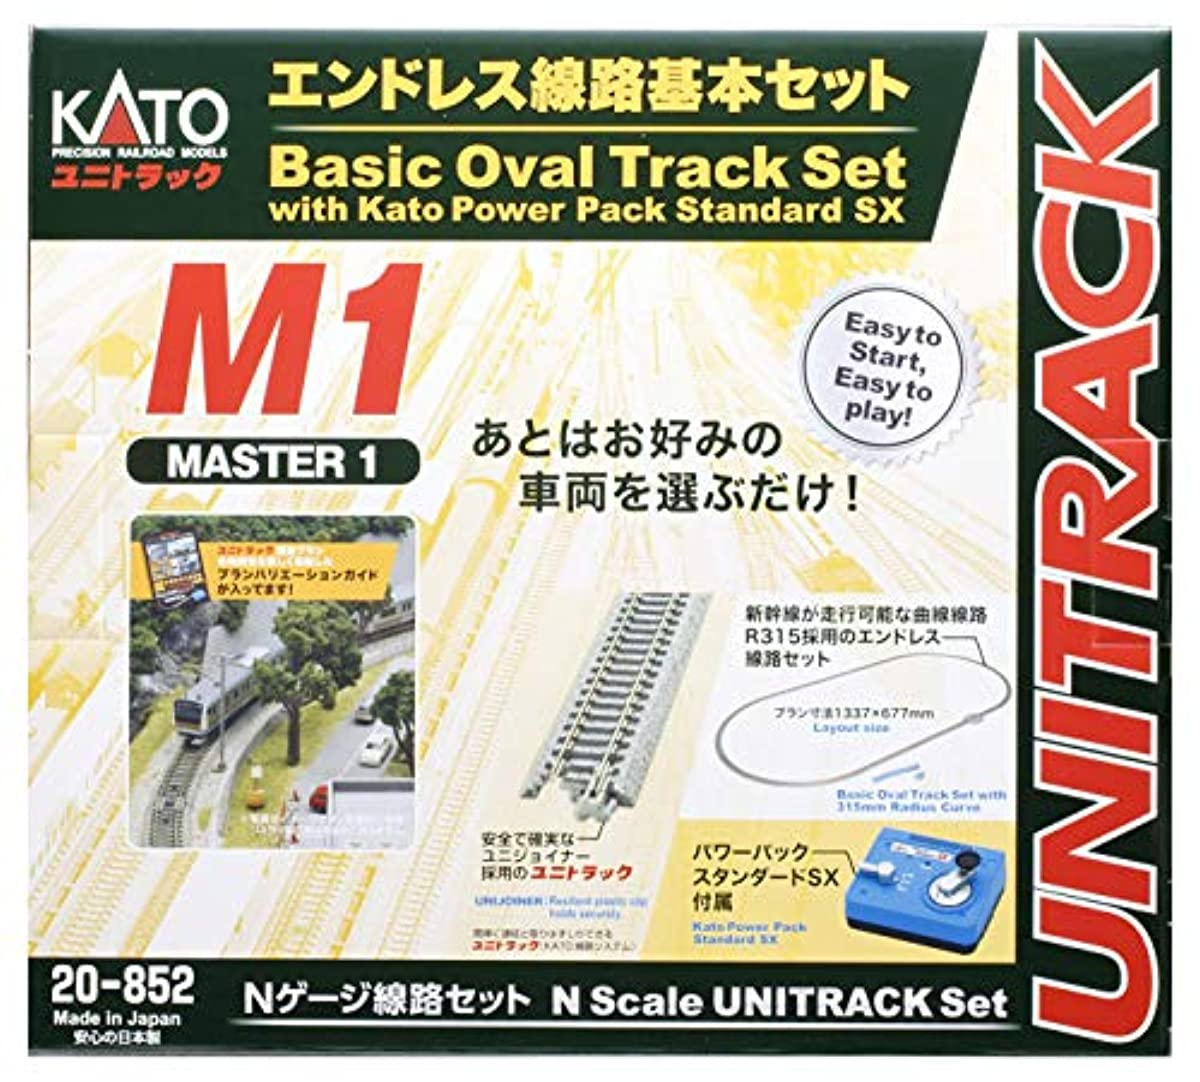 [해외] KATO N게이지 endless 선로 기본 세트 마스터1 20-852 철도 모형 레일 세트